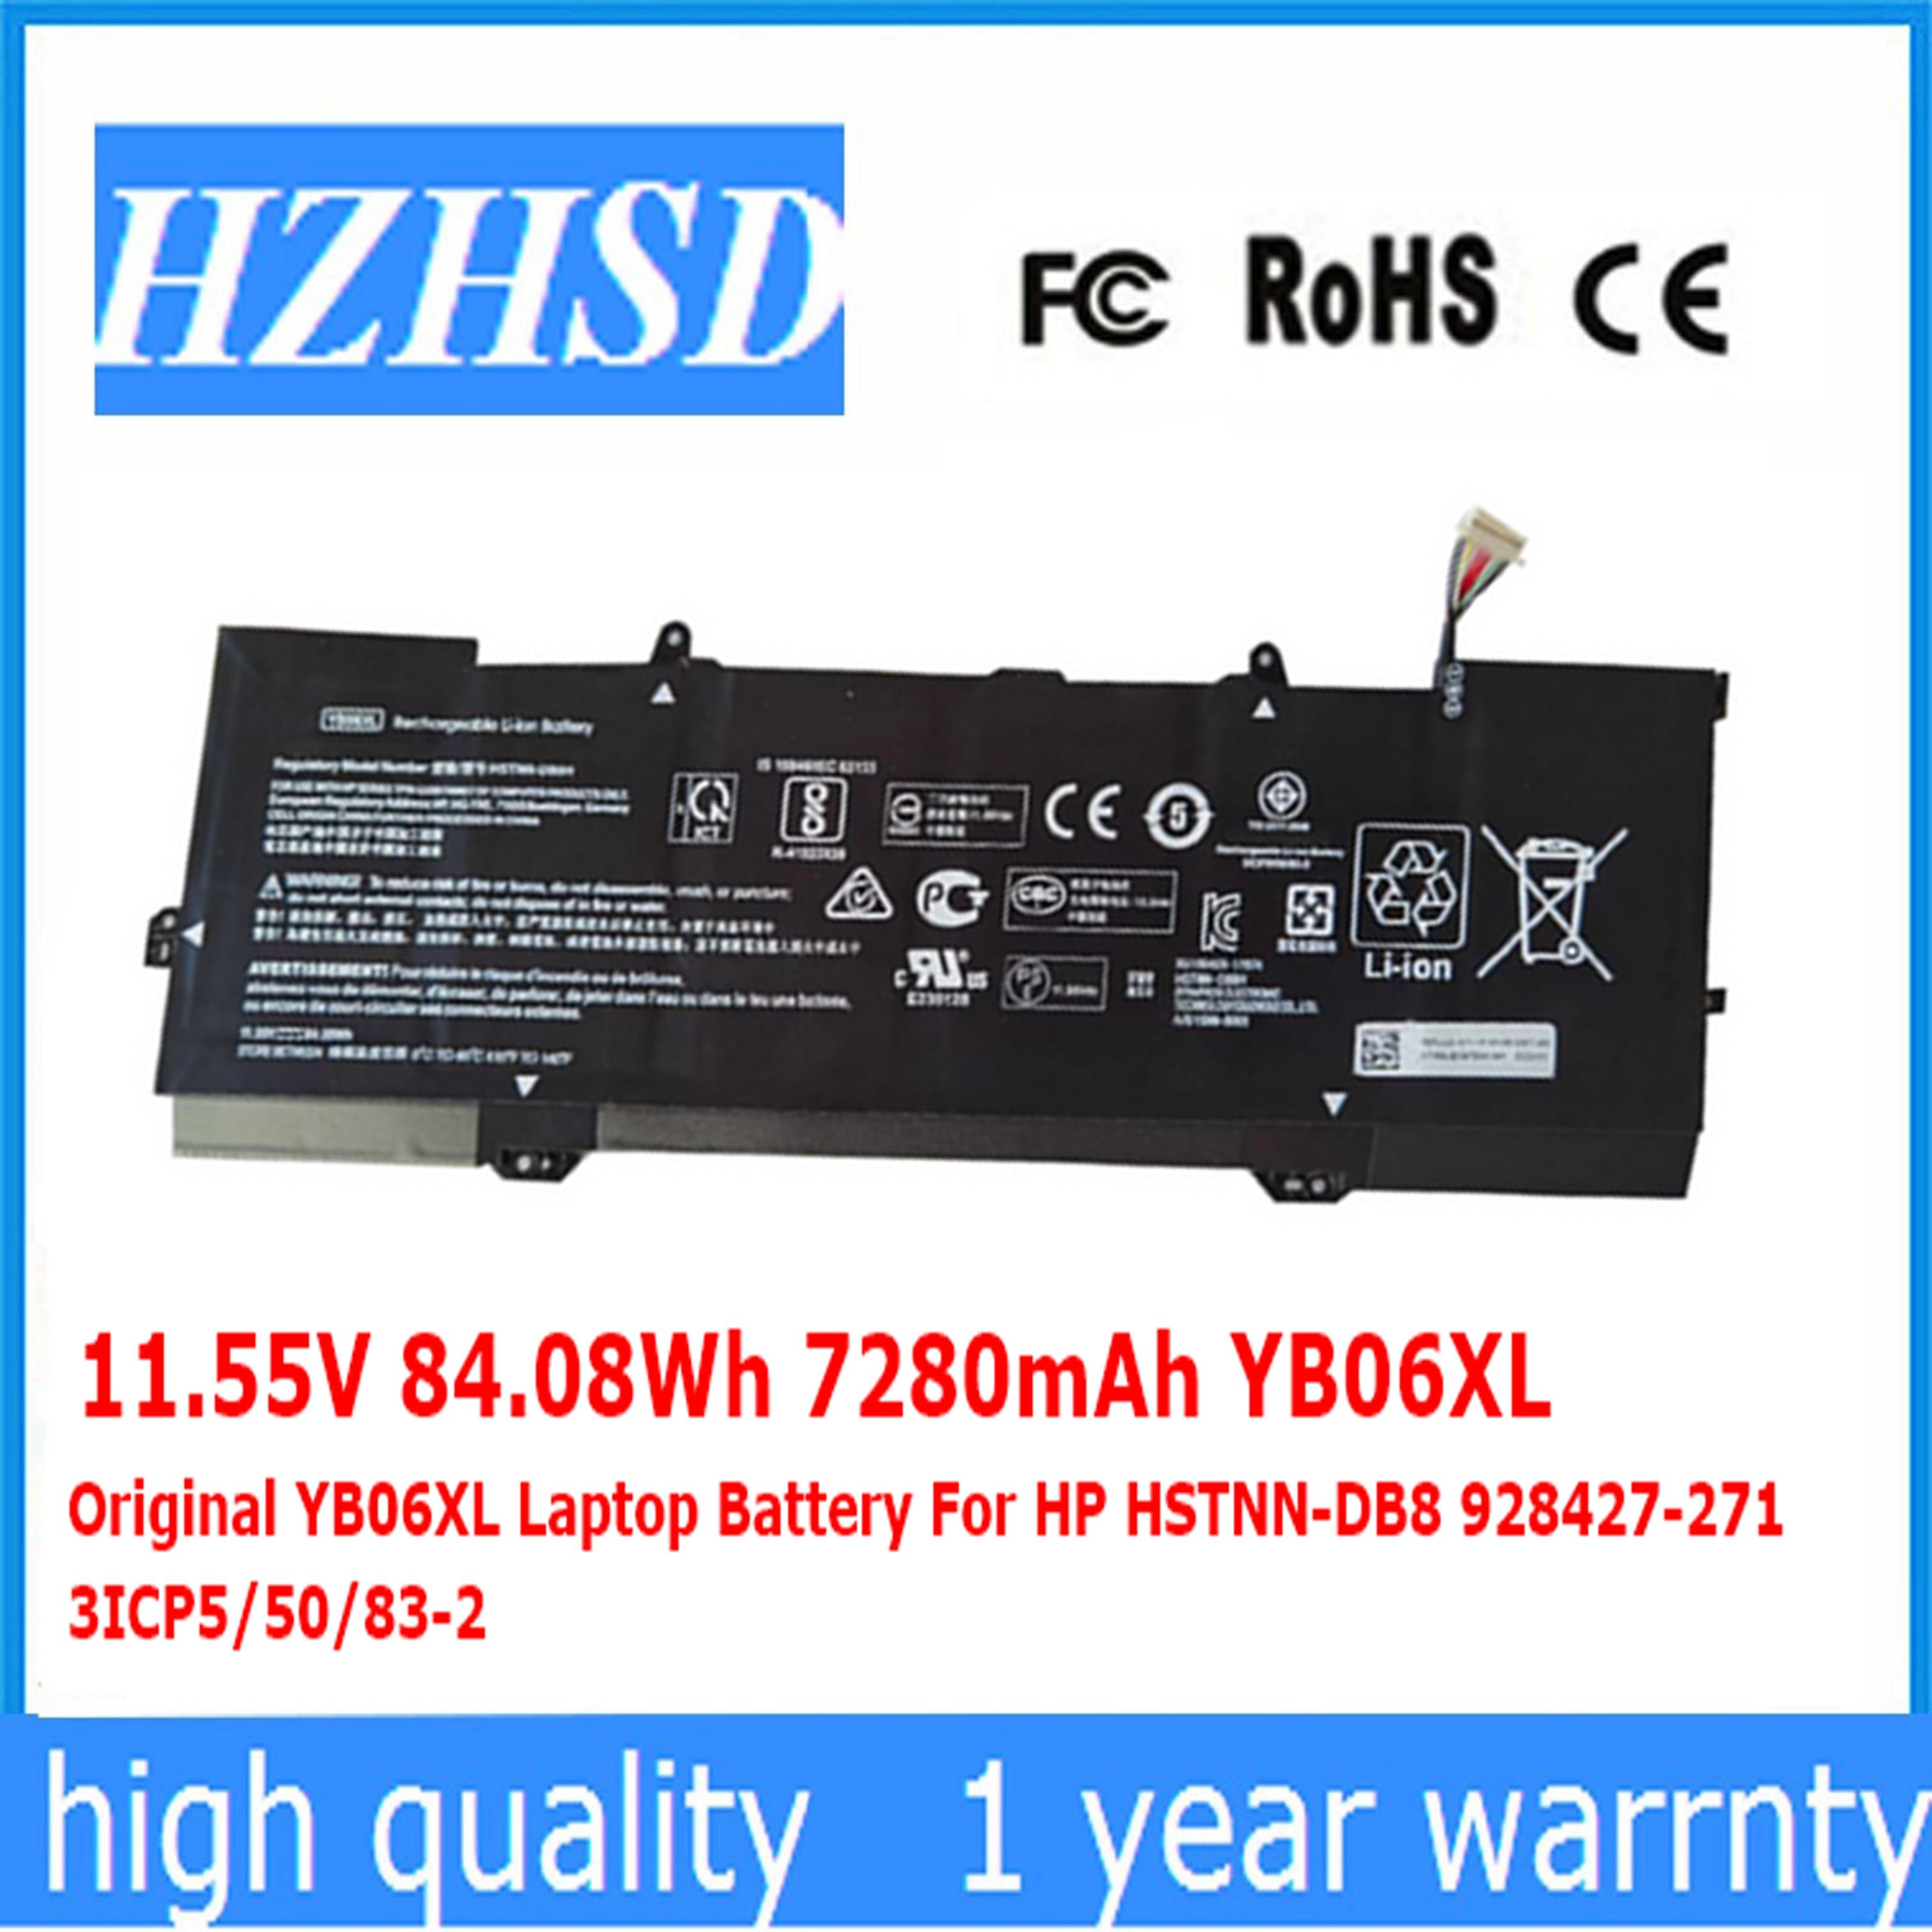 11.55V 84.08Wh 7280mAh Original YB06XL Laptop Battery For HP HSTNN-DB8 928427-271 3ICP5/50/83-2